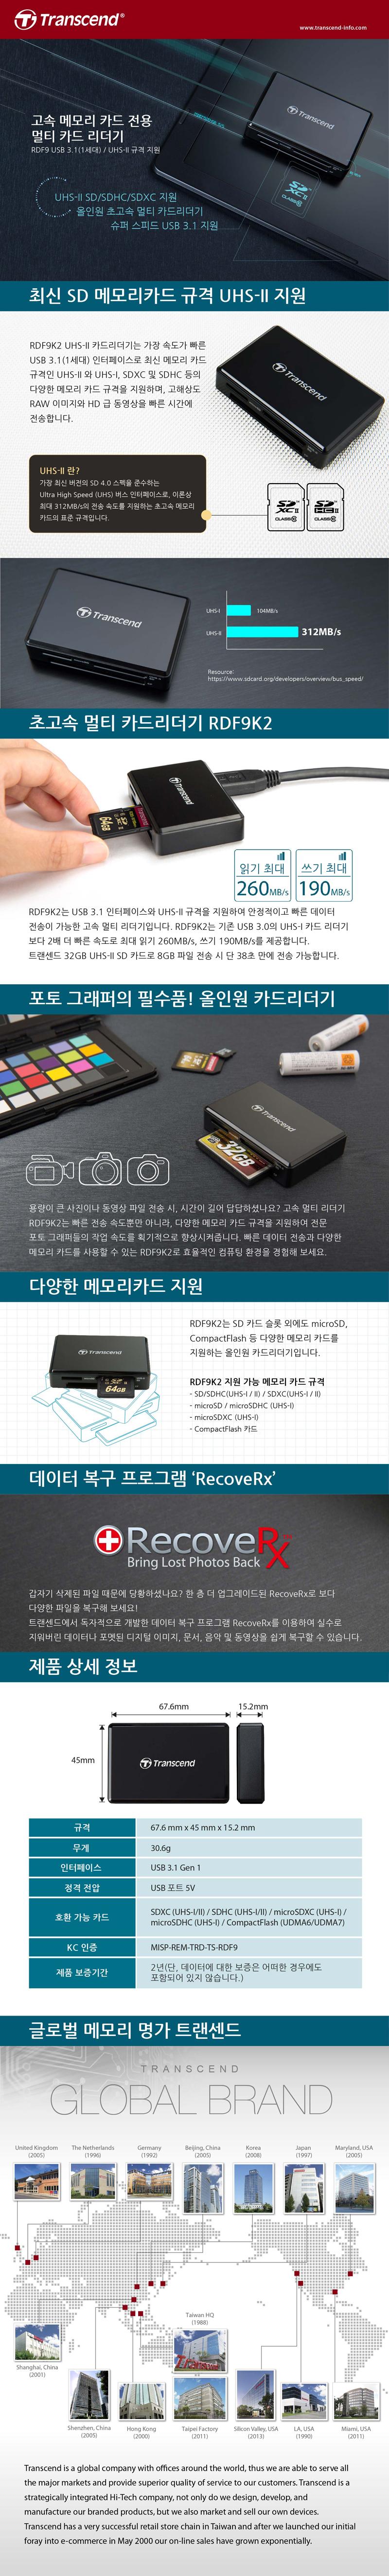 트랜센드 카드리더기 USB3.1(G1) UHS-II지원 올인원멀티리더기 RDF9 블랙 TS-RDF9K - 트랜센드, 22,000원, USB제품, USB 메모리 카드리더기